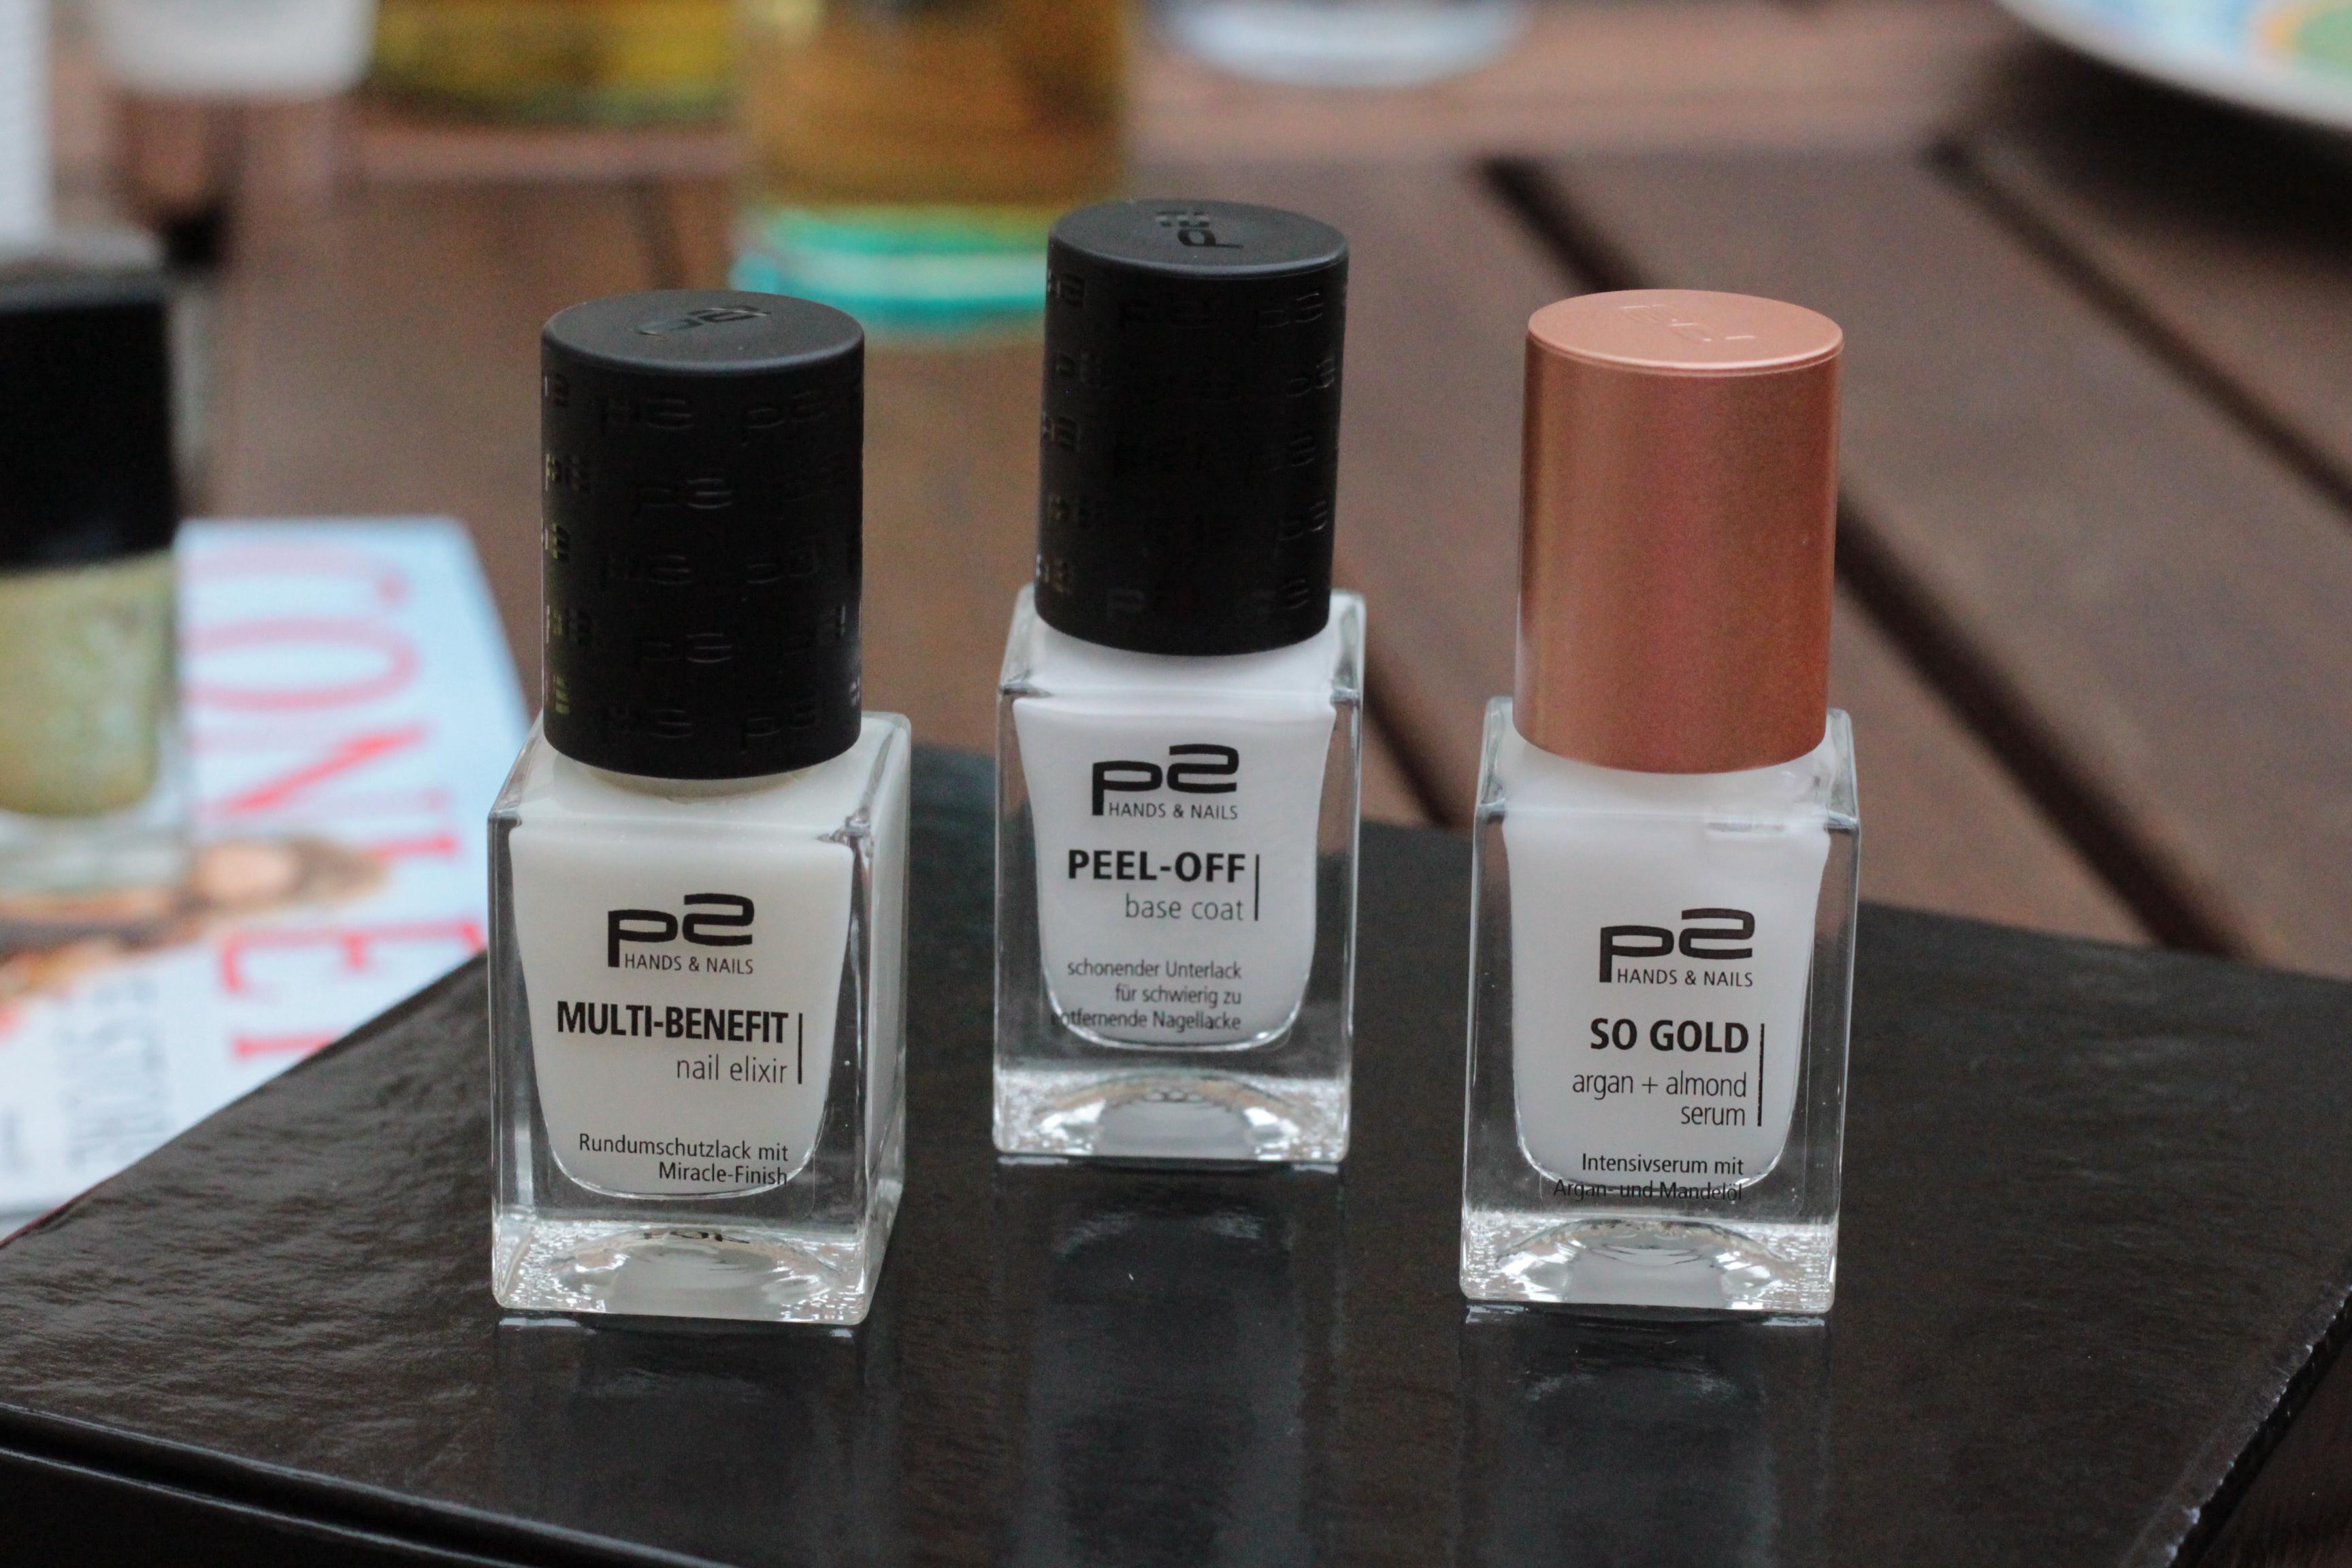 Produktvorstellung: Neues von #p2 zur Hand- und Nagelpflege -